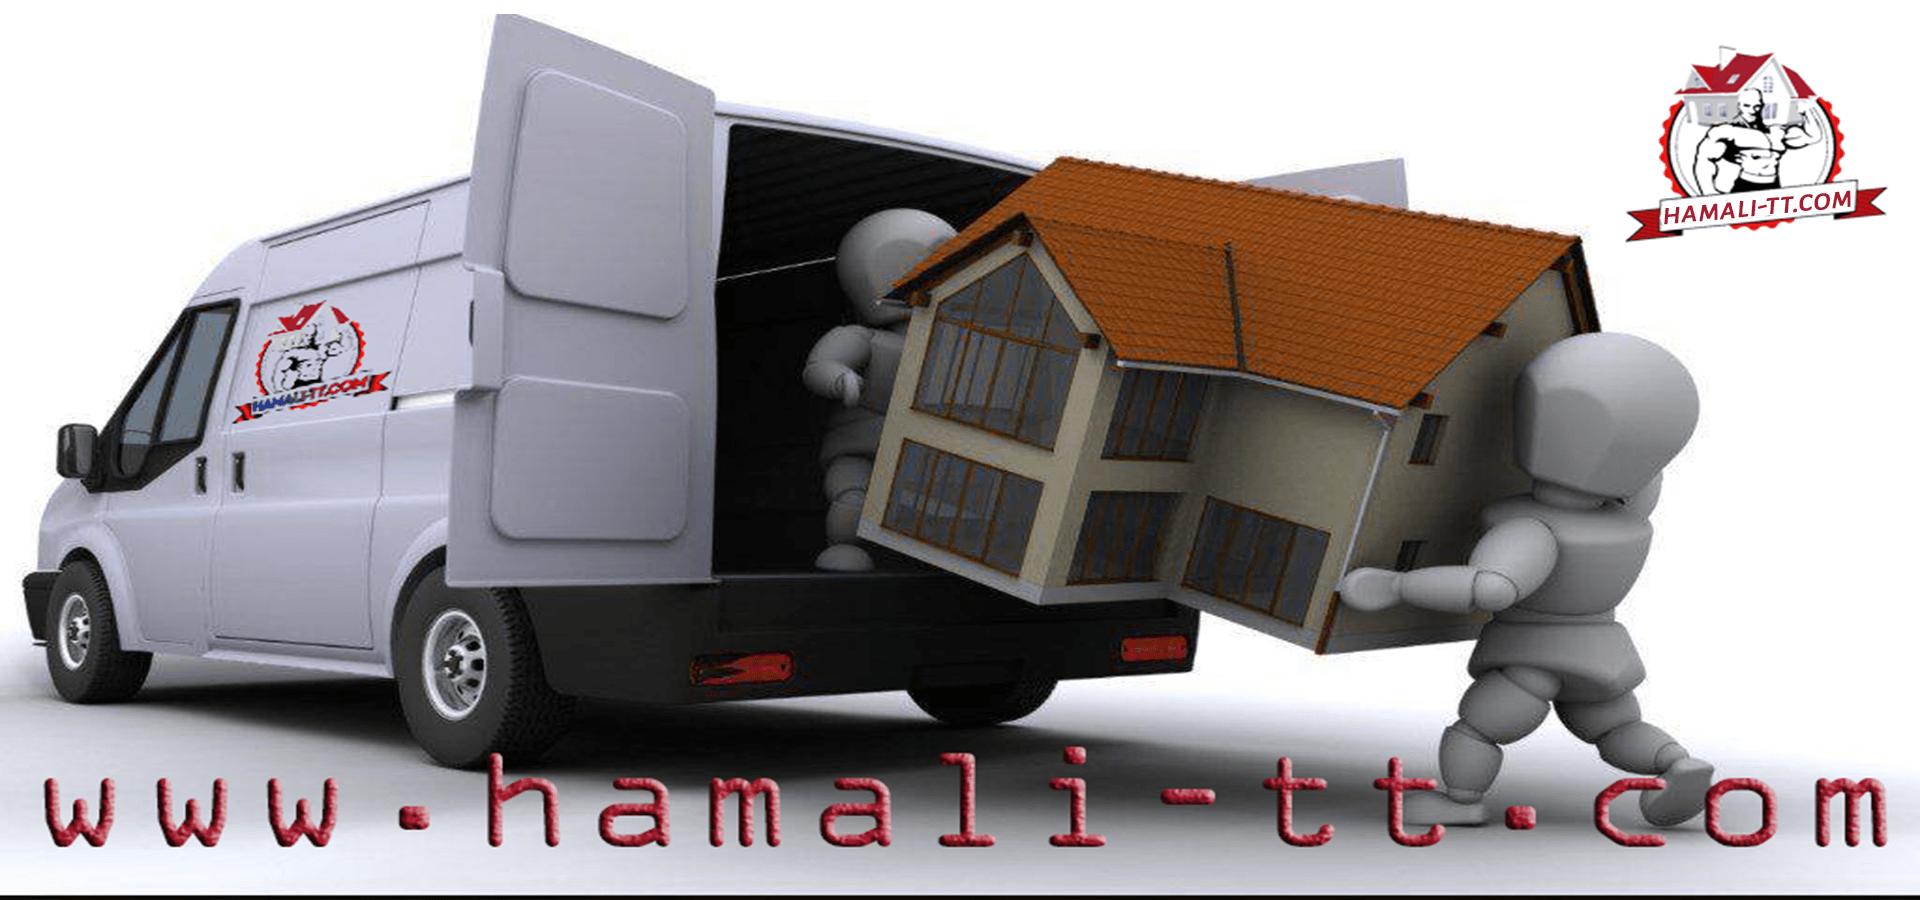 Хамалски и транспортни услуги Hamali-TT.com